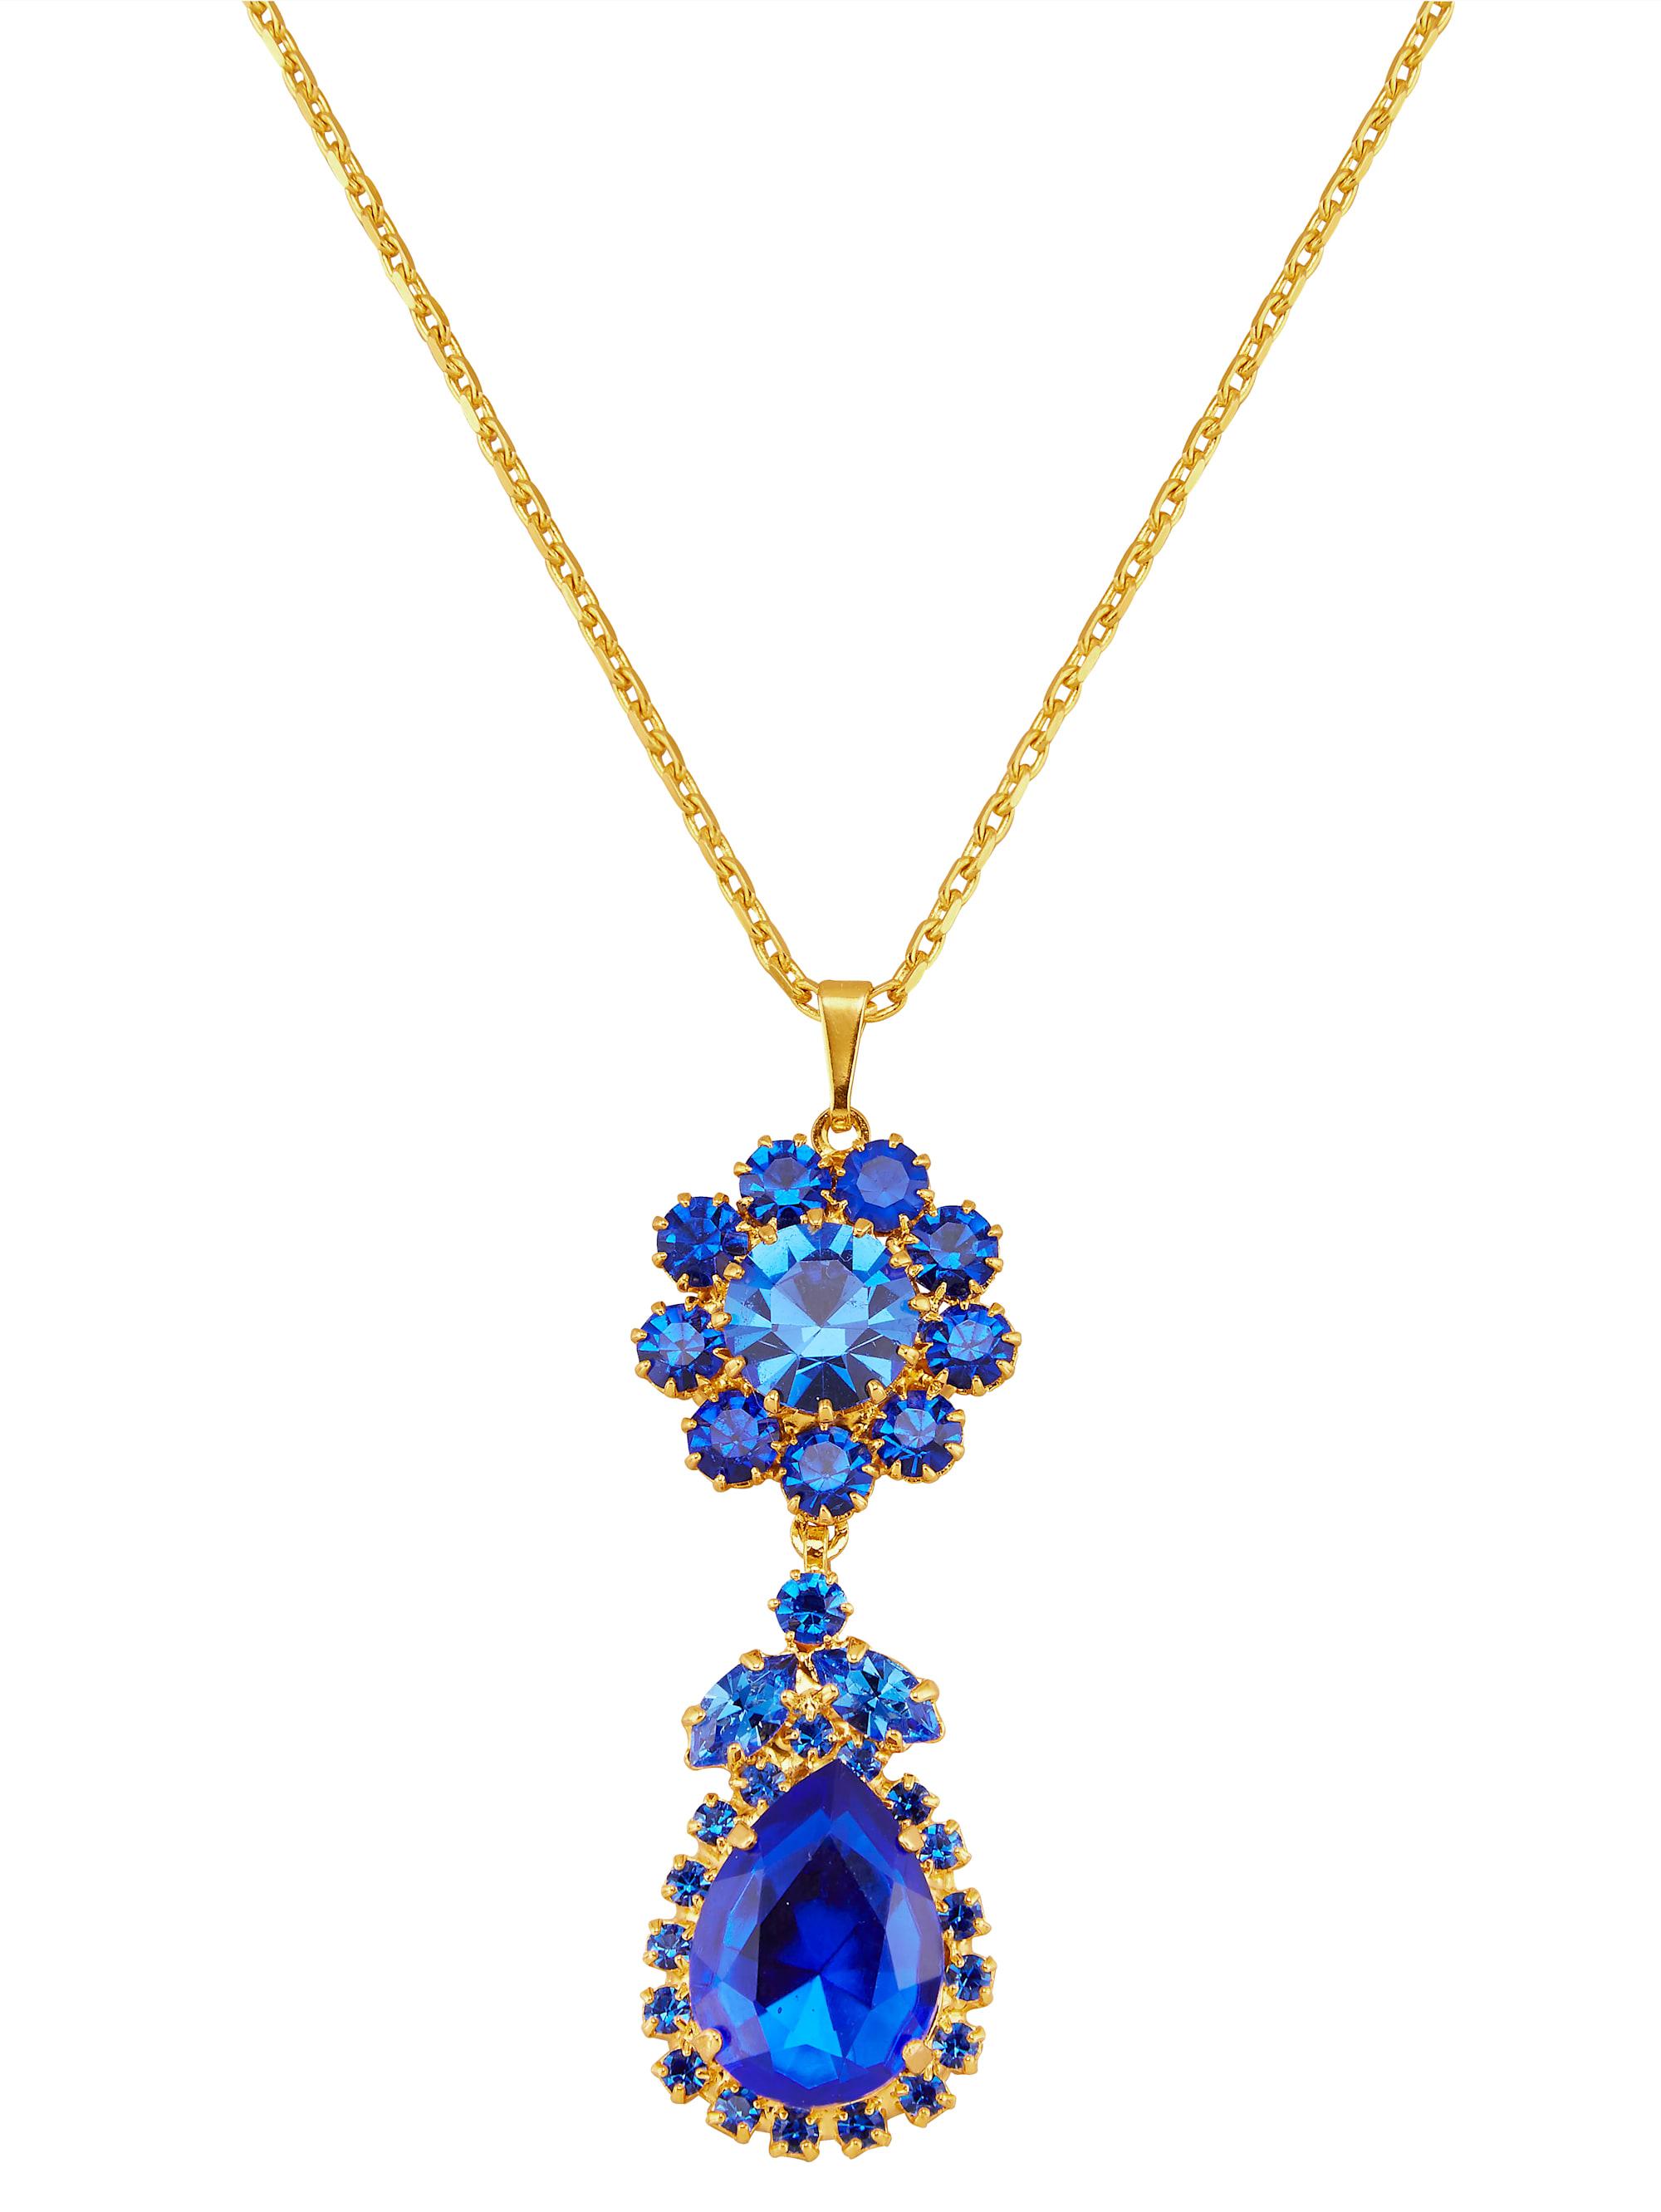 Golden Style Anhänger mit blauen Kristallen und Kette bYiLf